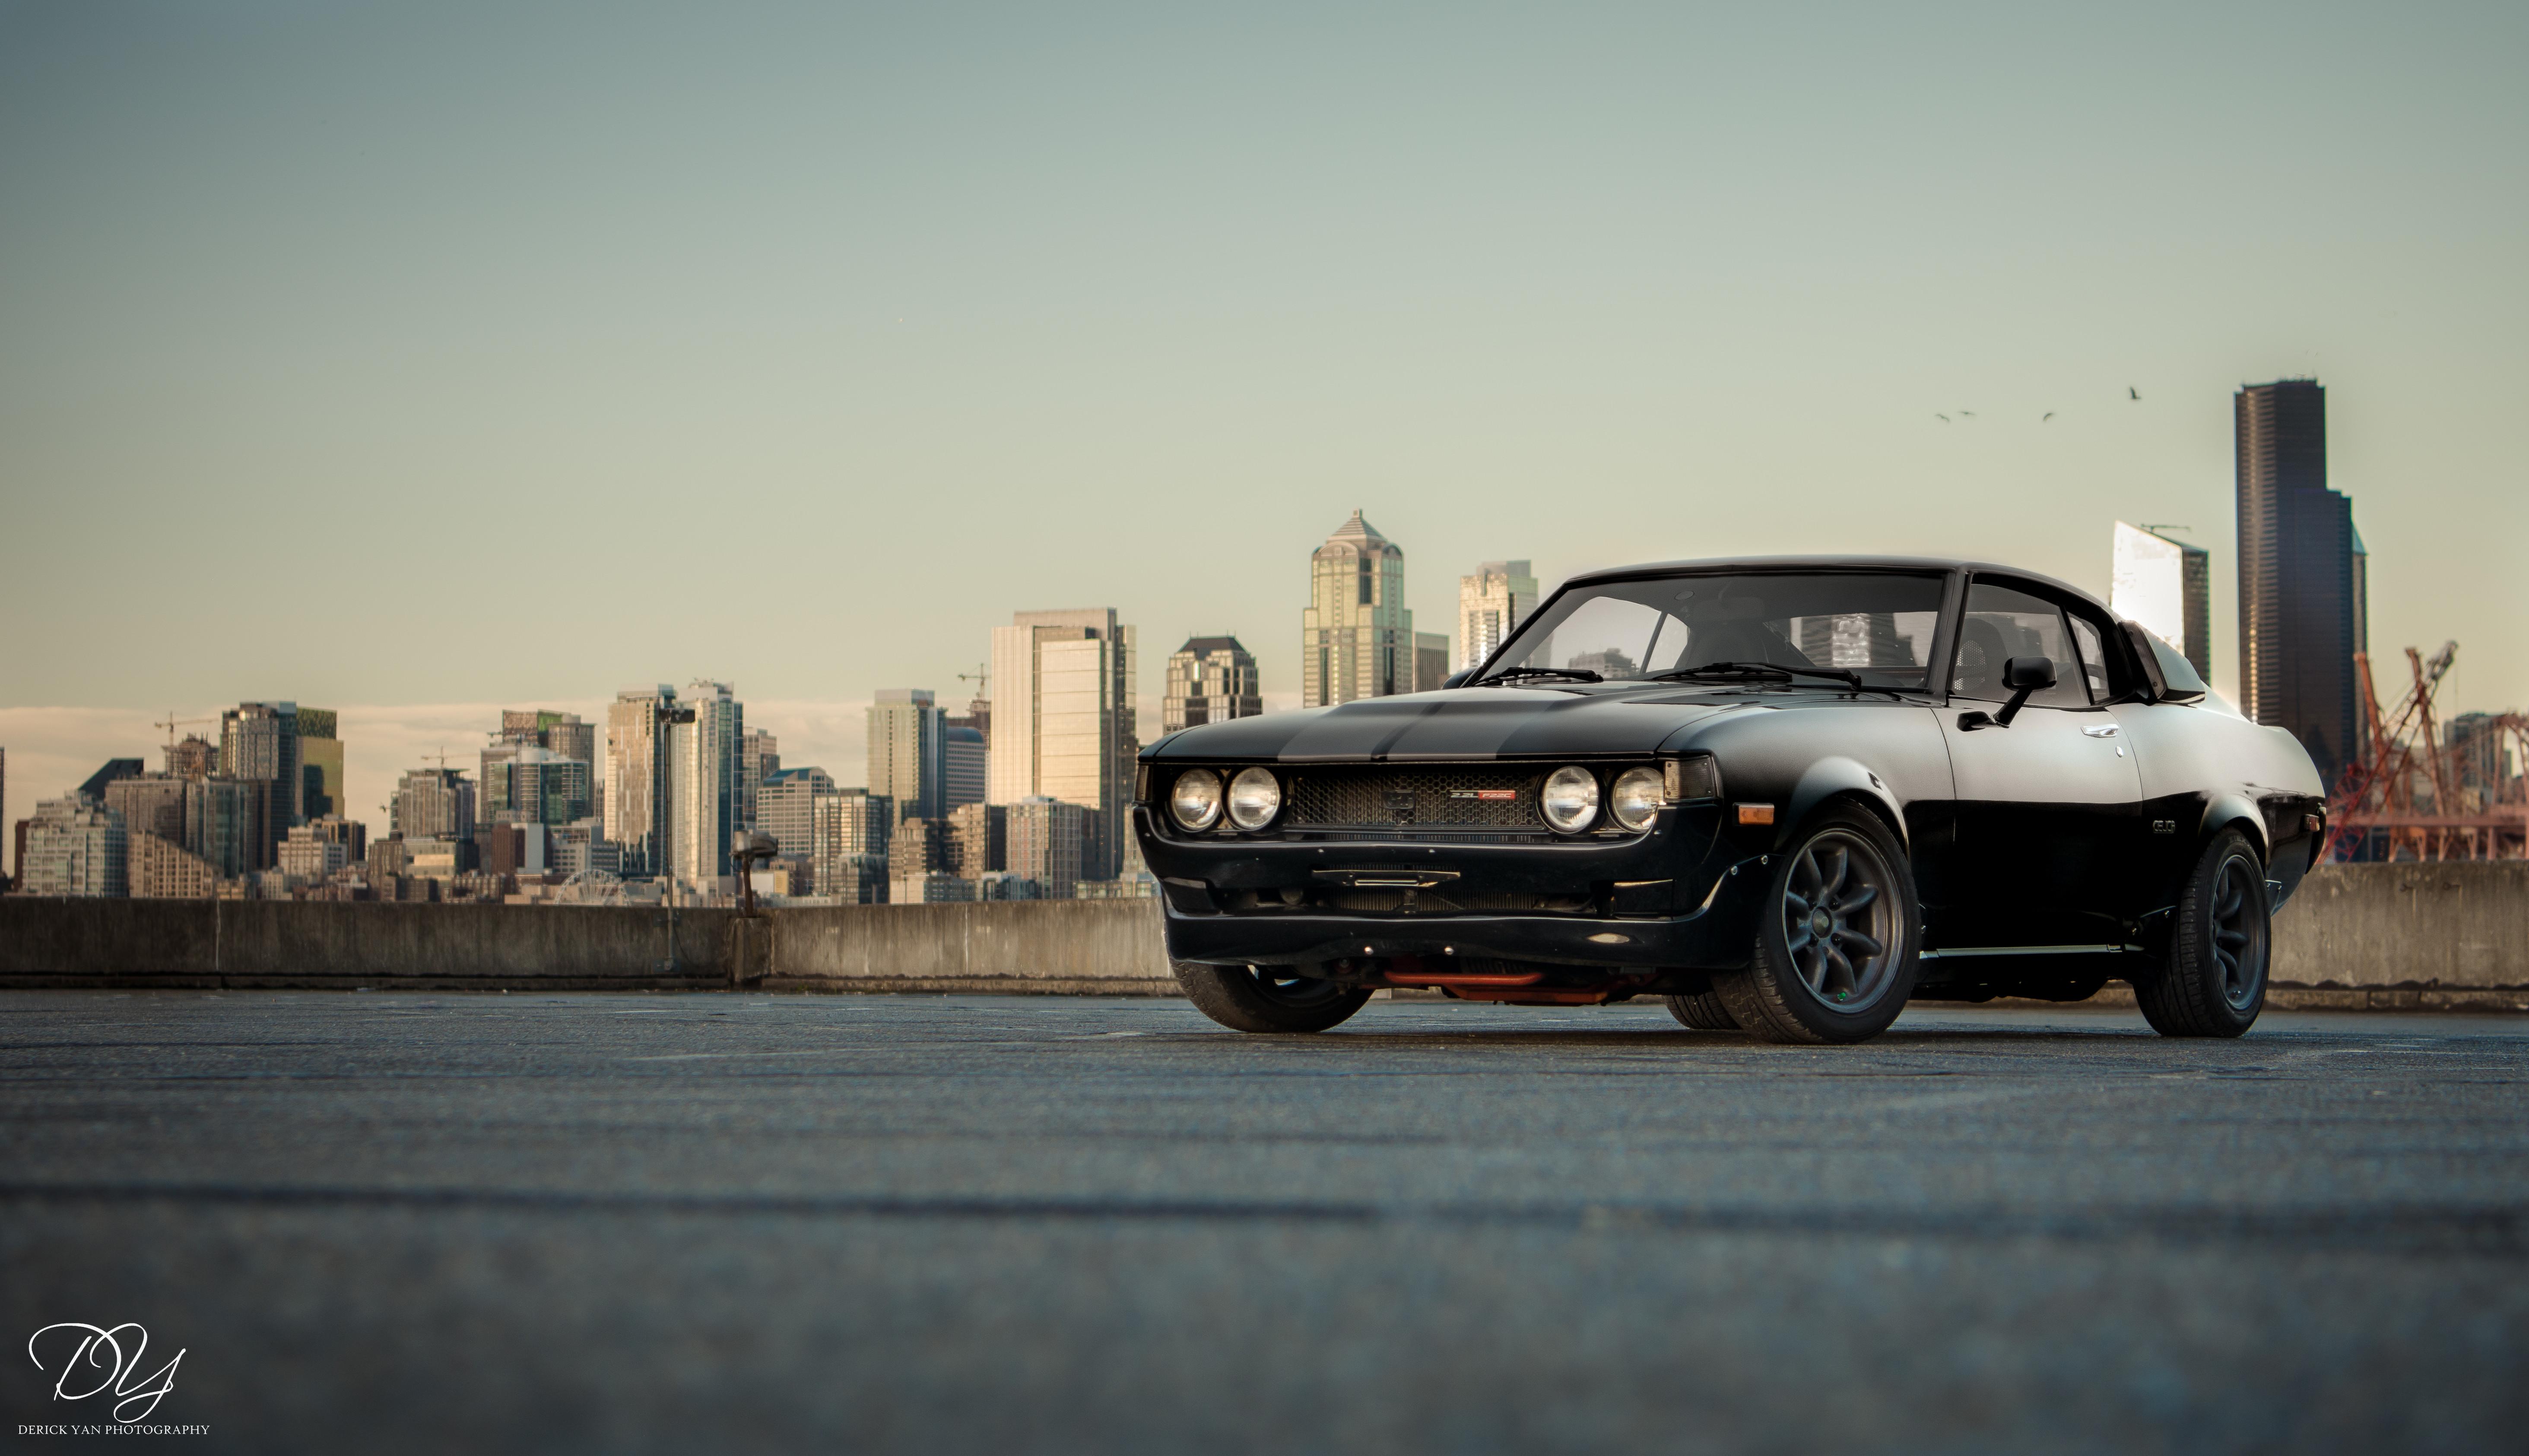 Automotive Photoshoot (Day)